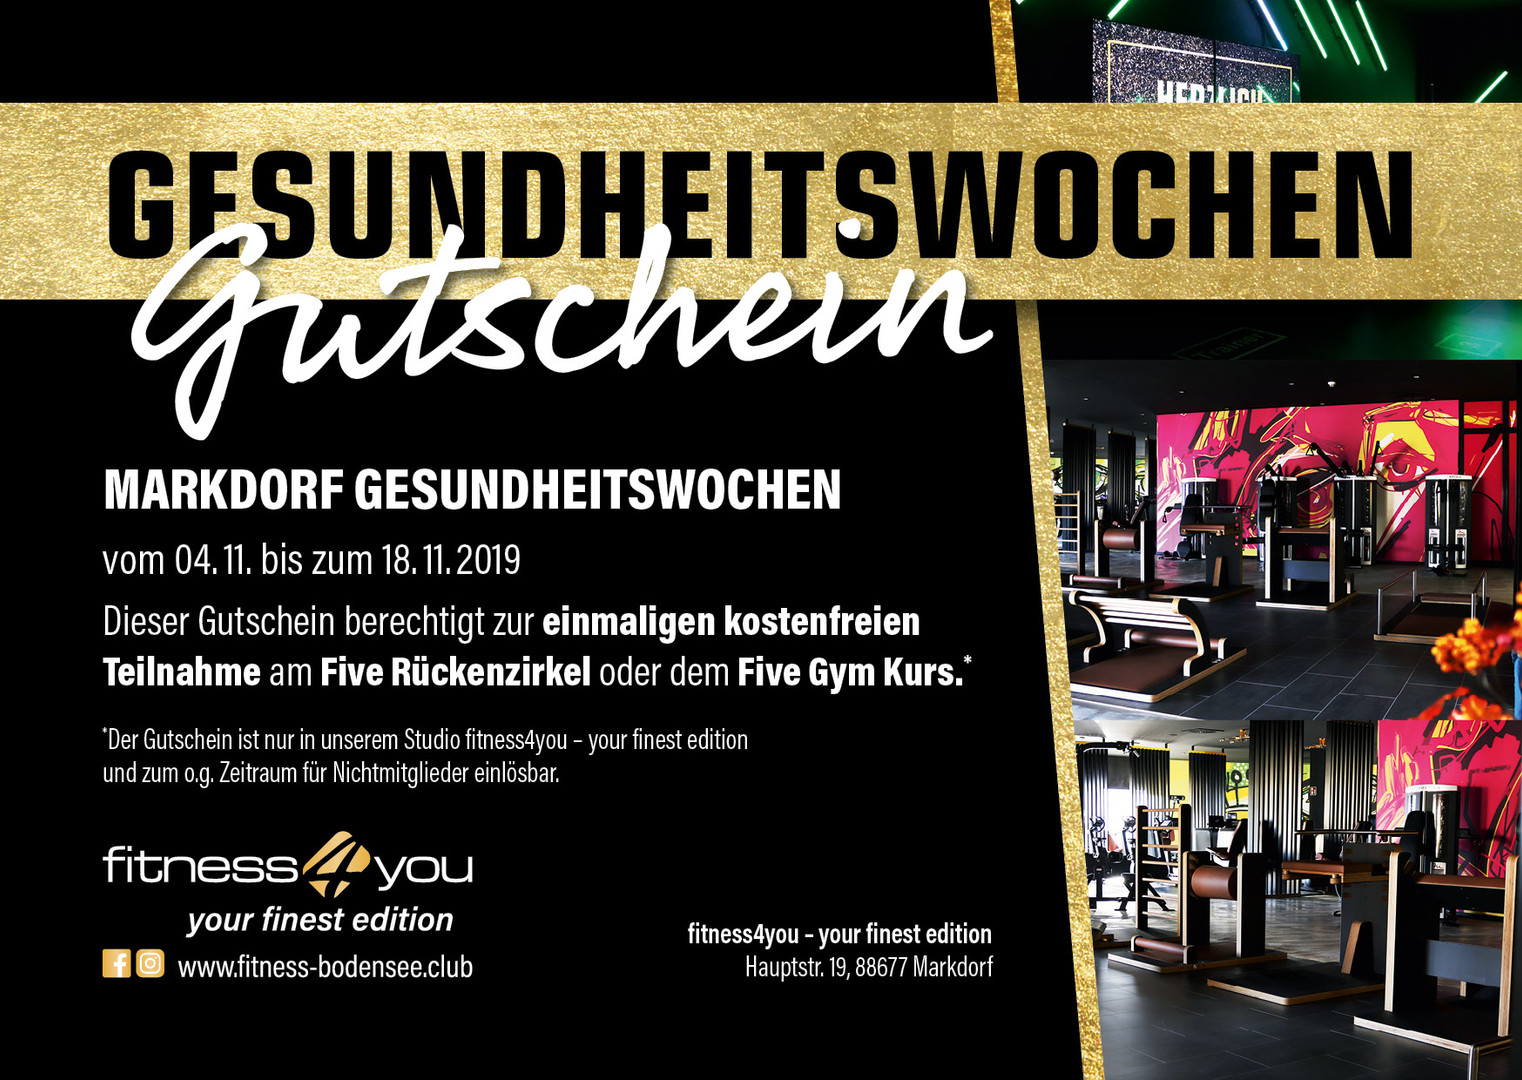 DRUCK_Gesundheitswochen_Gutschein_A6.jpg